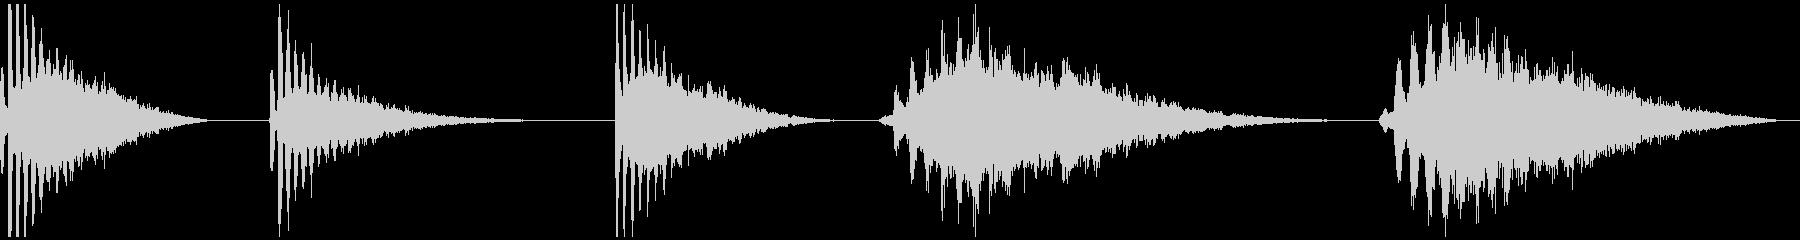 REZO SPACE、5バージョン...の未再生の波形